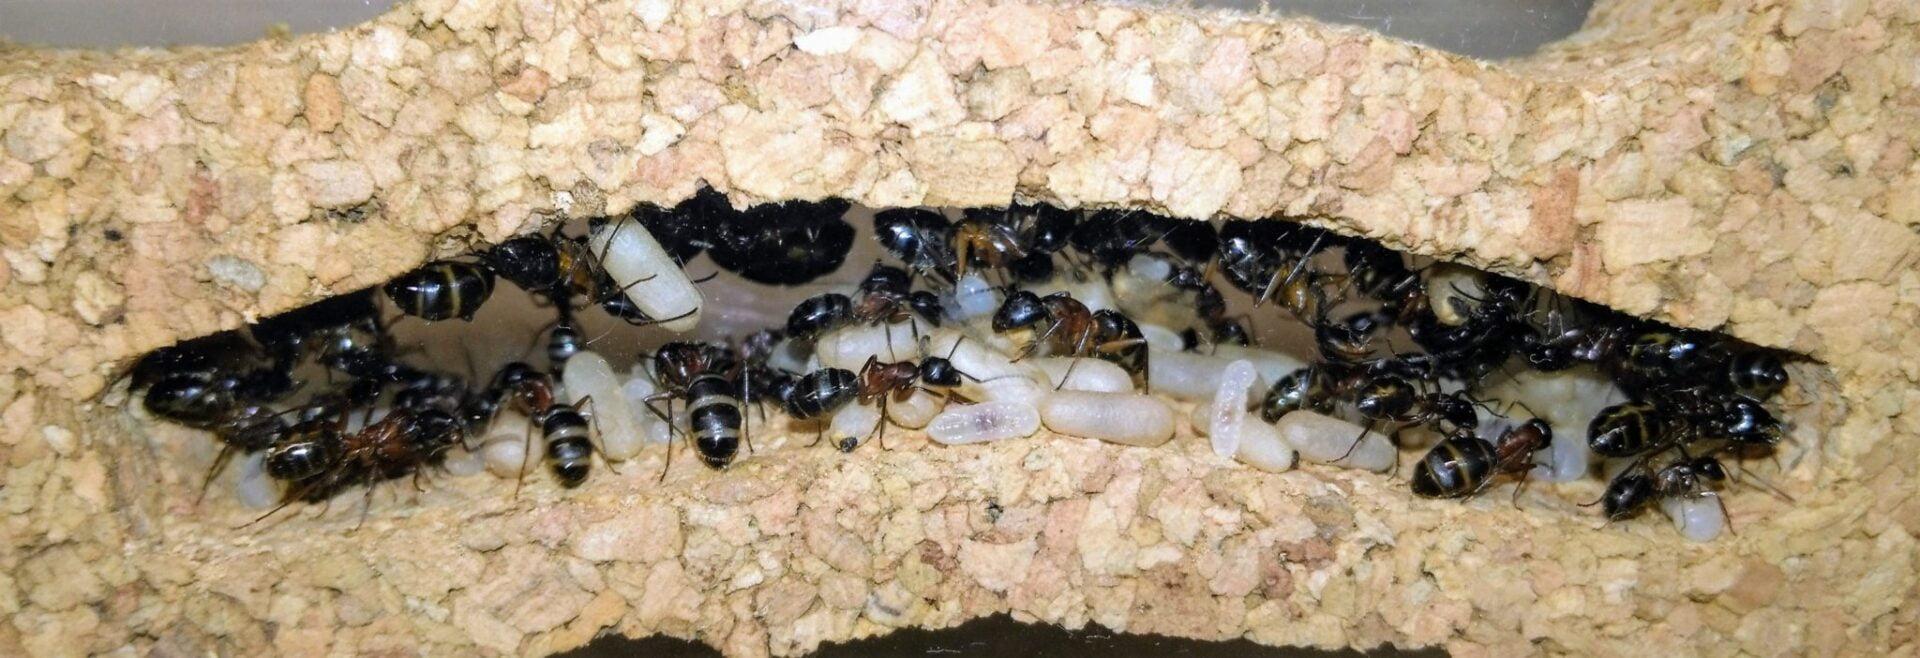 [Obrazek: Camponotus_herculeanus_032.jpg]